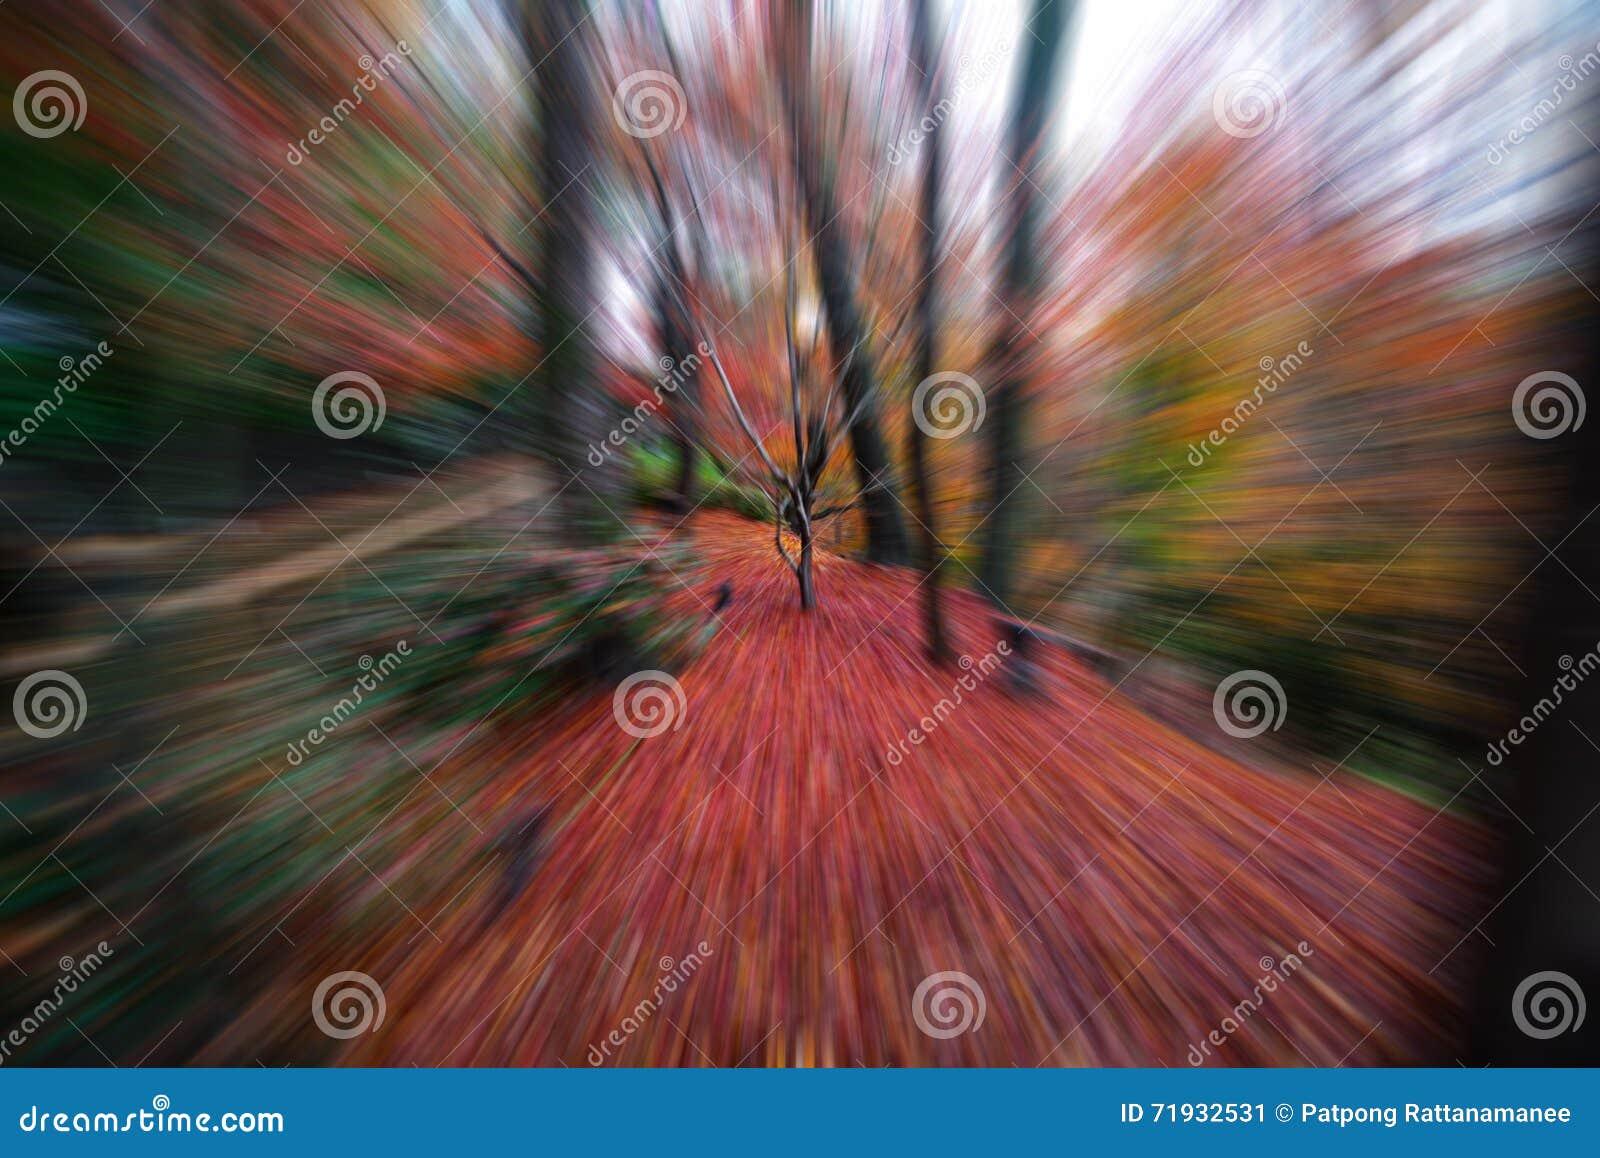 Дерево клена в осени Японии с влиянием сигнала